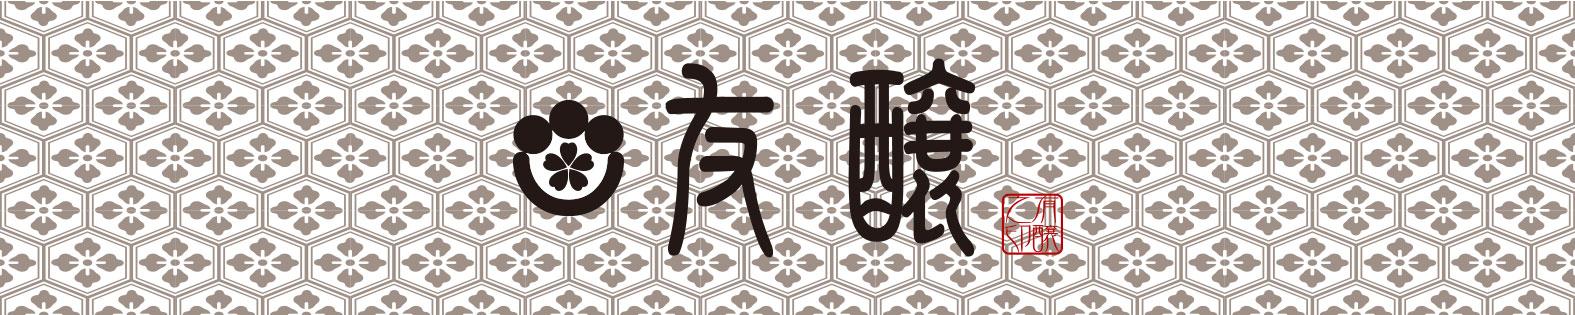 【日本酒】陸奥八仙 新春祝酒 直汲み 純米吟醸 無濾過生原酒 華吹雪55 限定 新酒26BY_e0173738_10314877.jpg